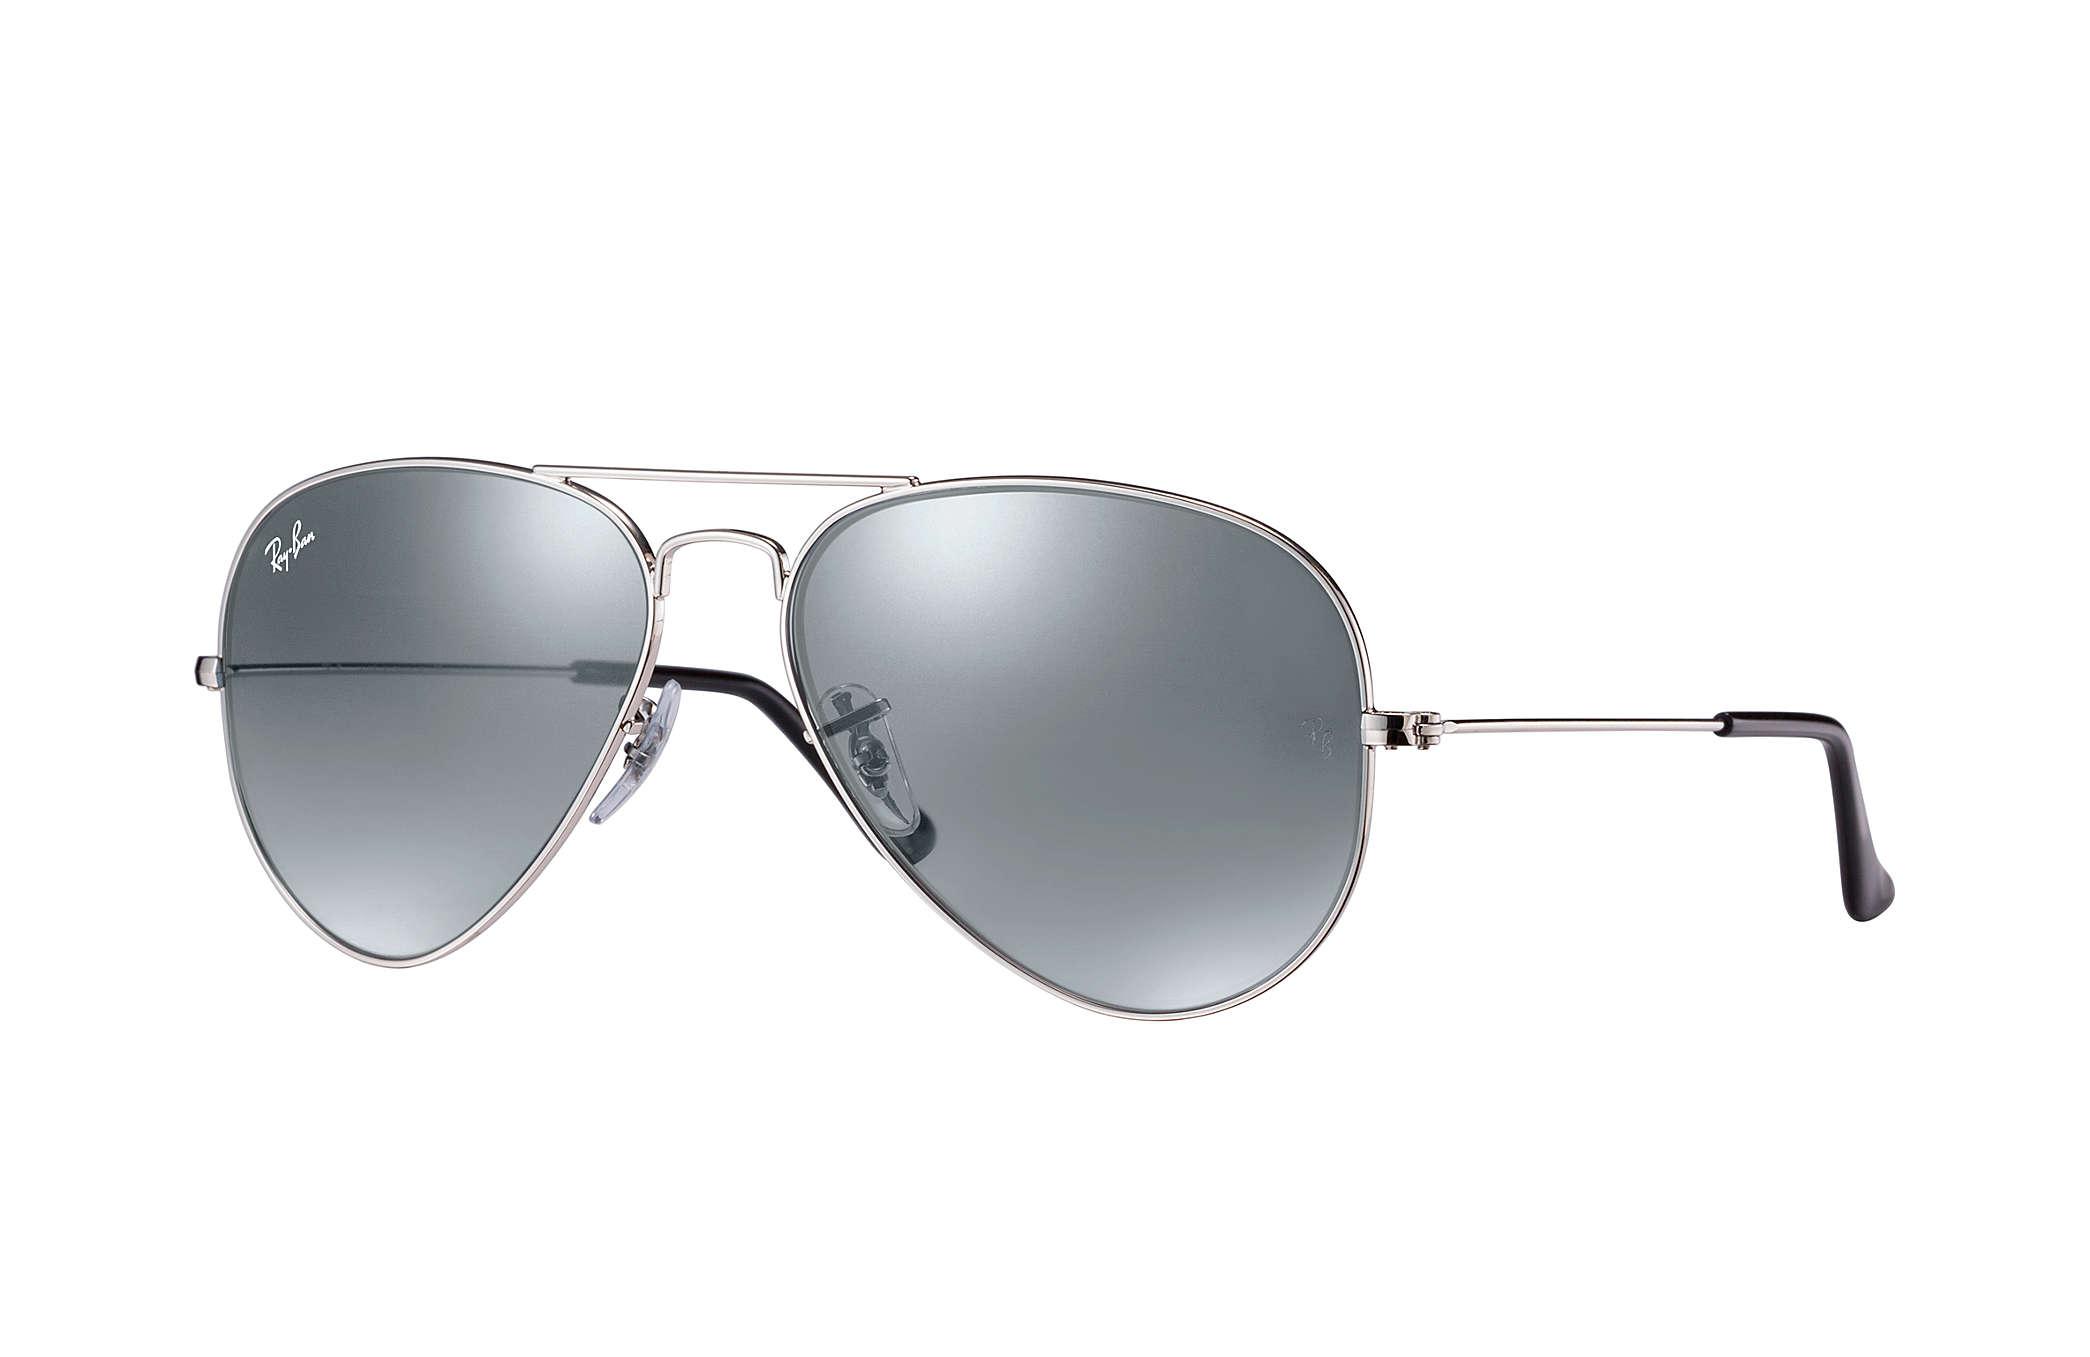 ed312f1a9 نظارات ريبان 2018 | مجلة الرجل